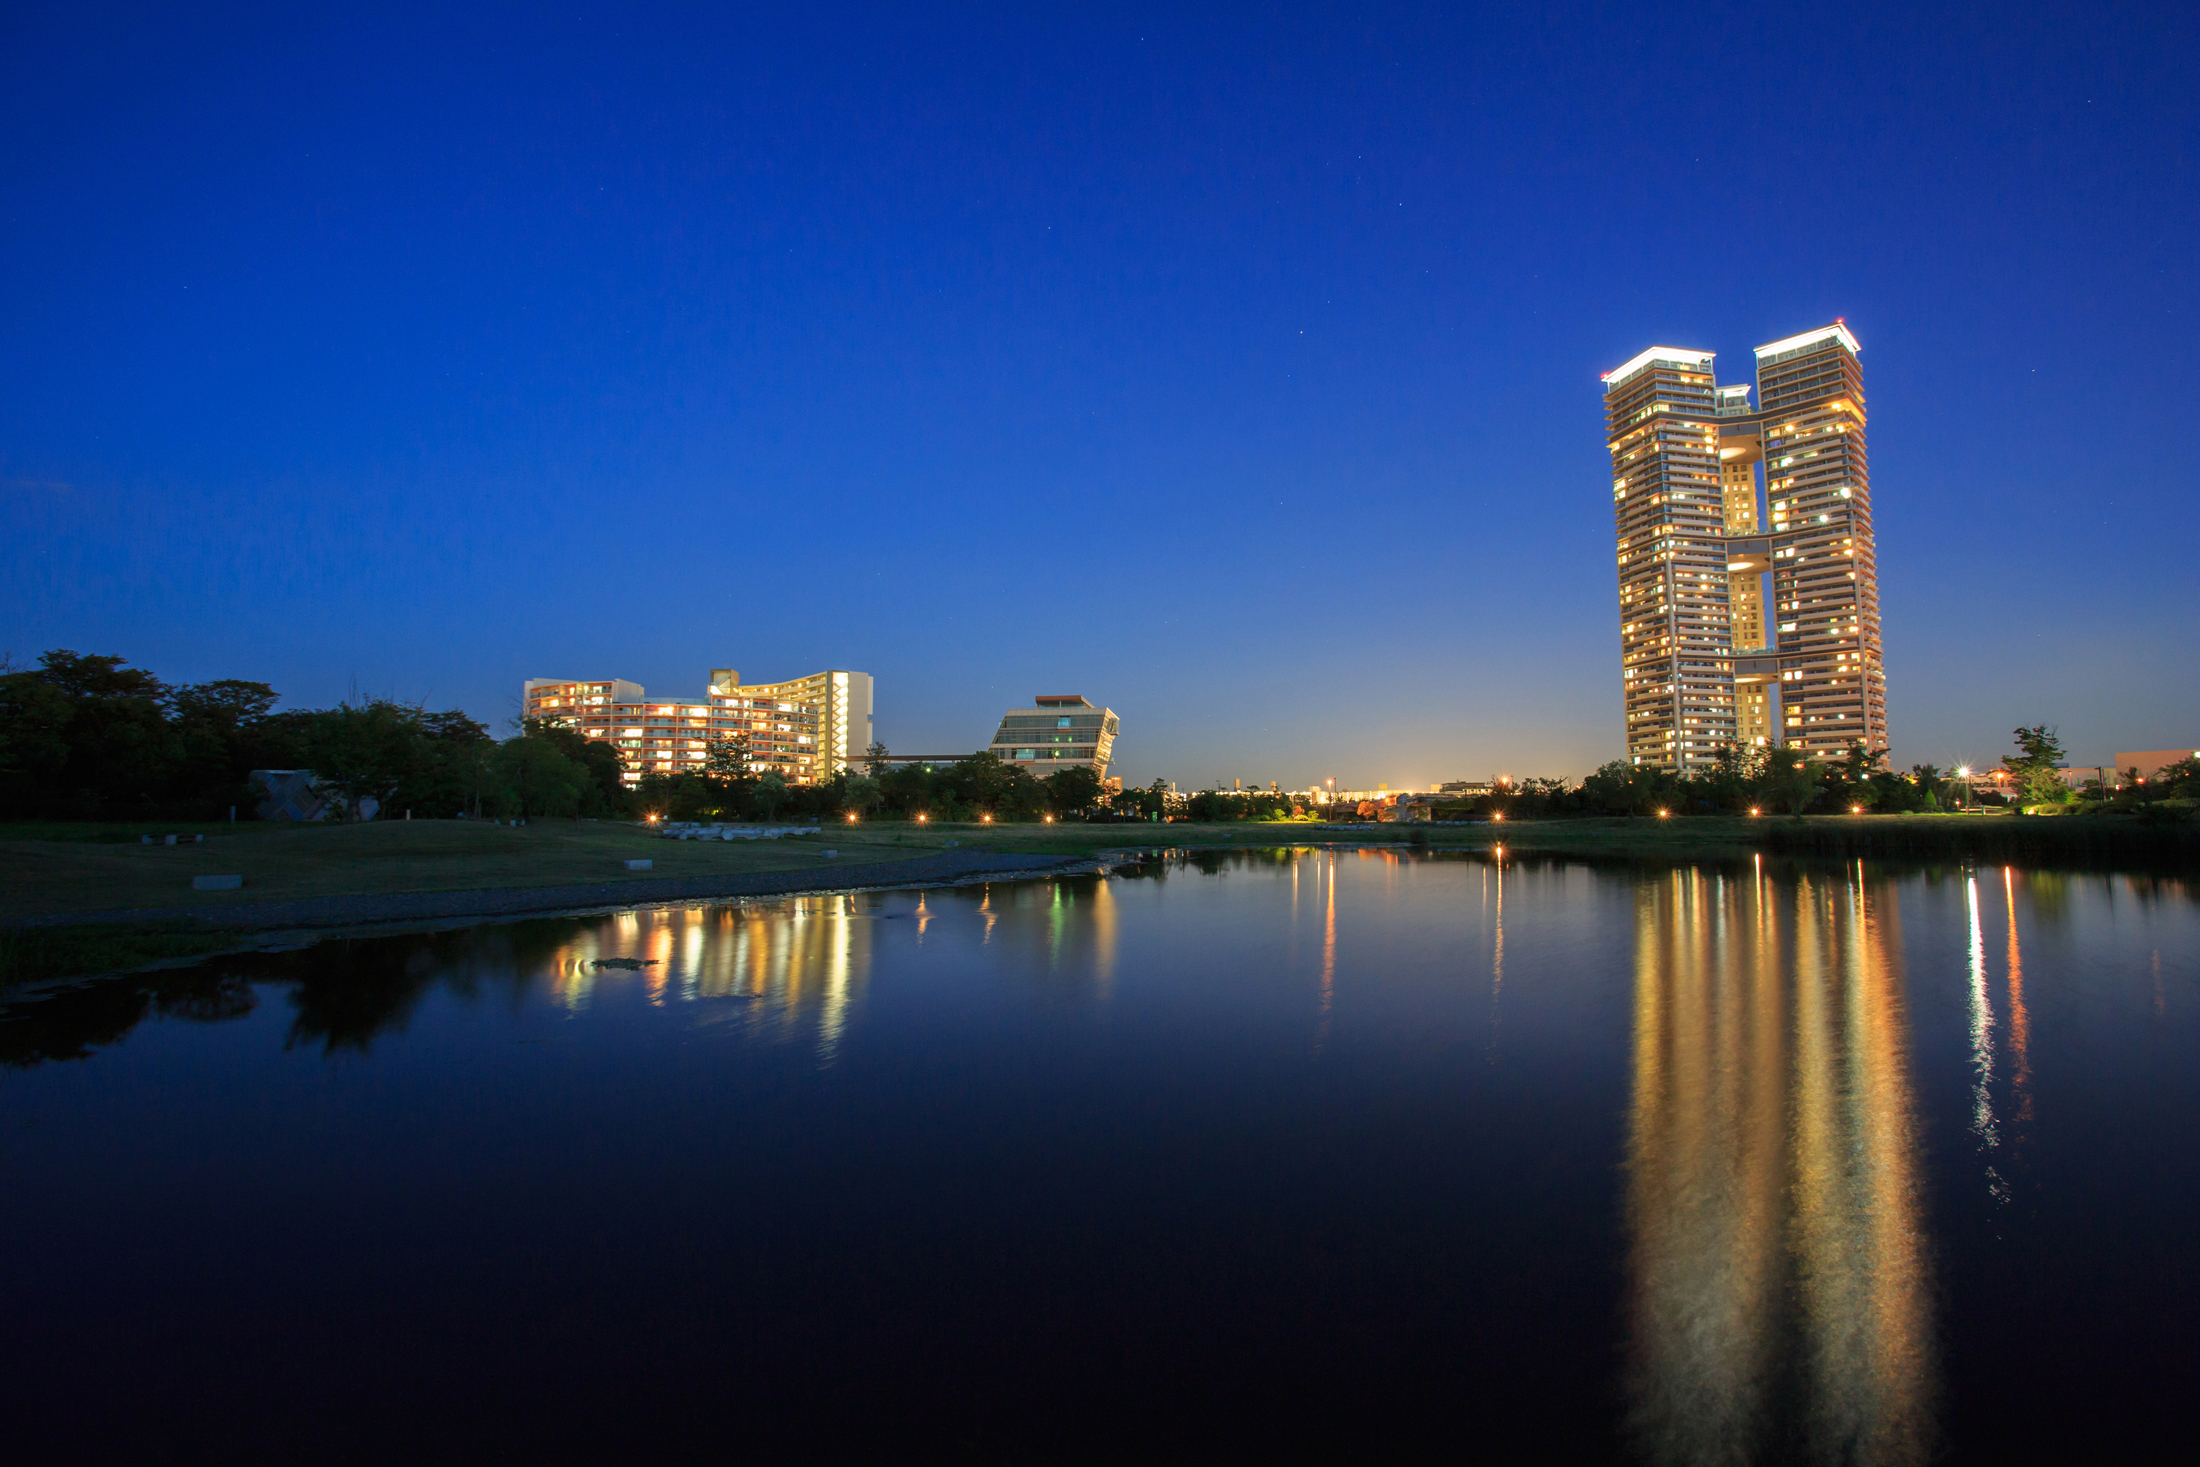 アイランドシティ中央公園夜景(2013)の画像